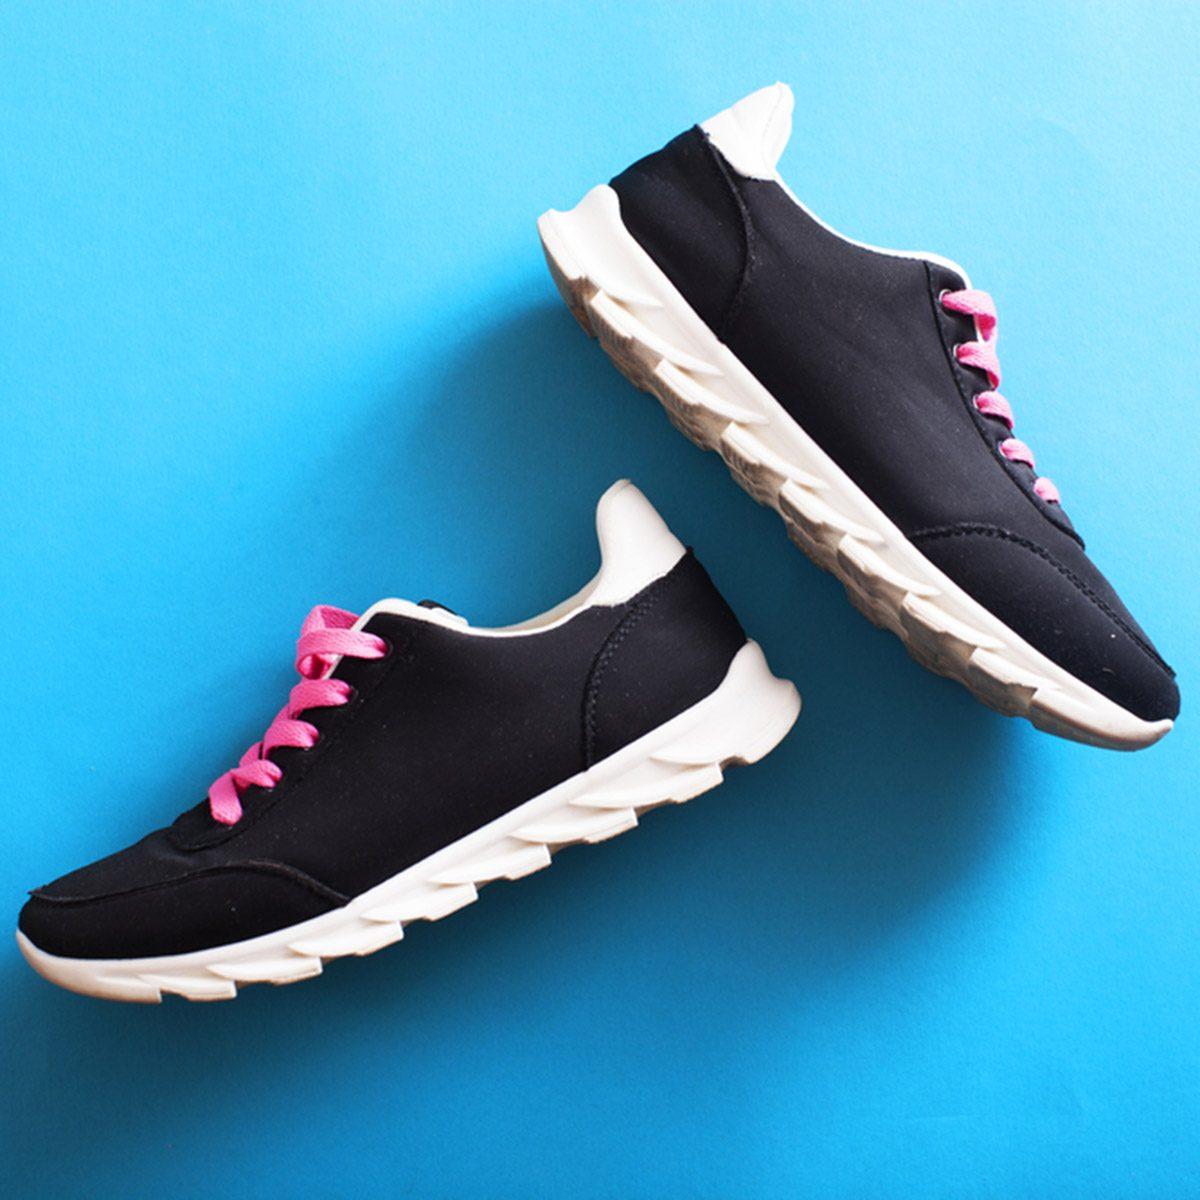 Men's sport shoes.